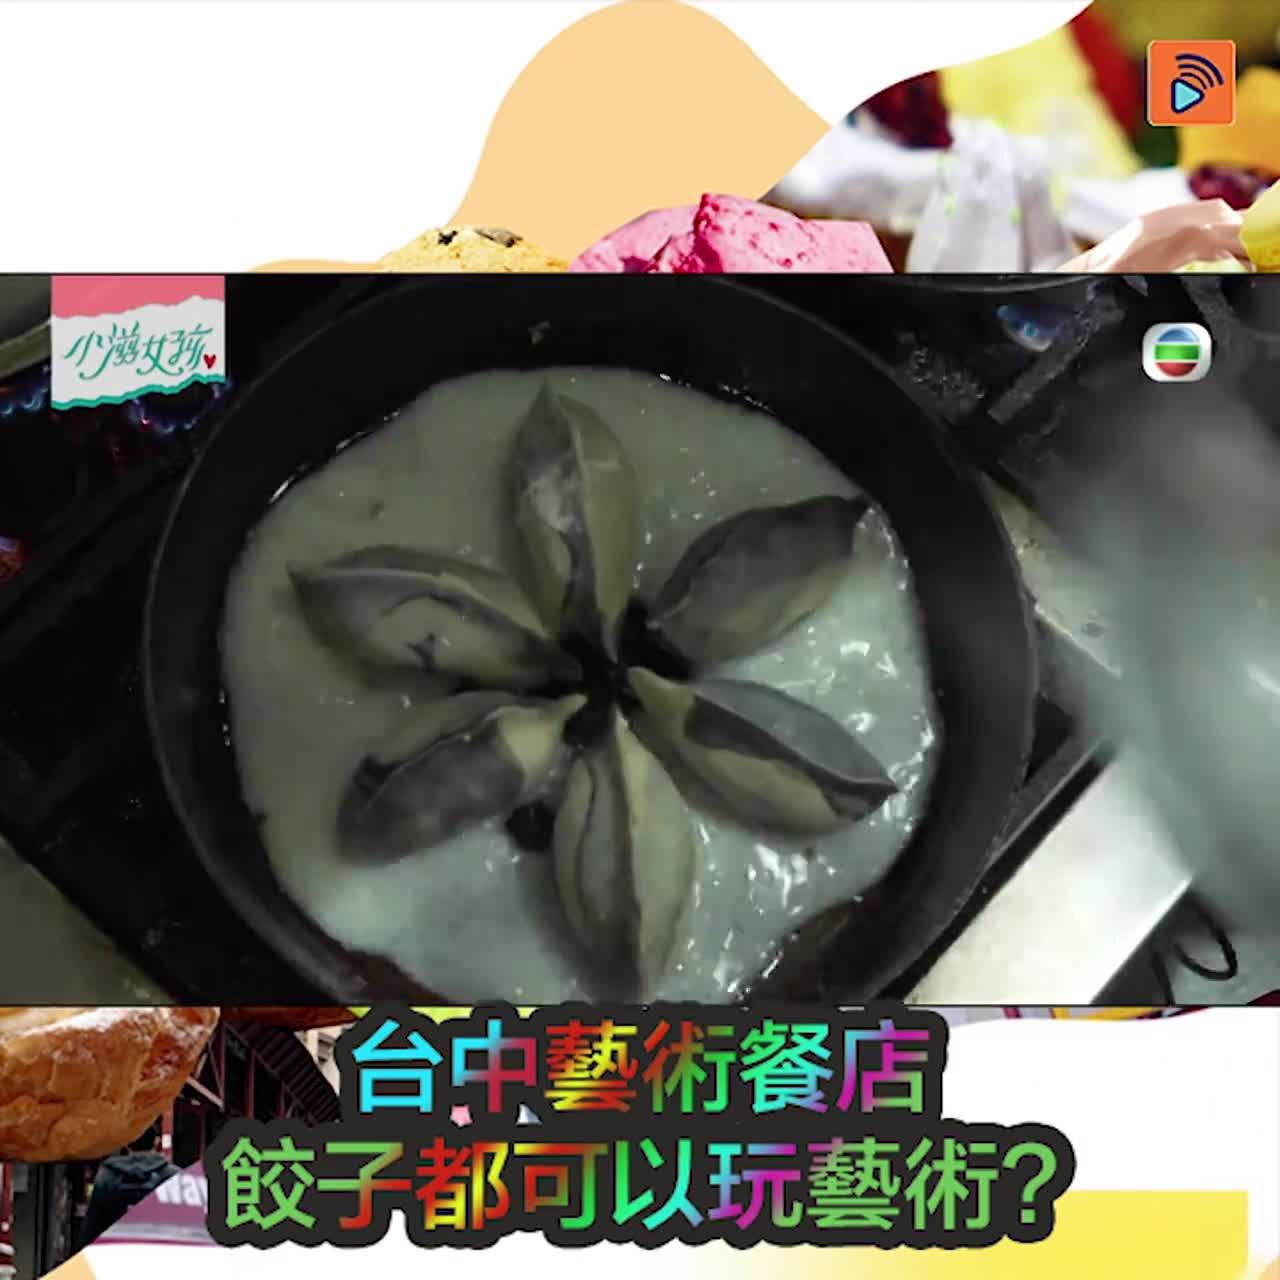 台中藝術餐店 餃子都可以玩藝術?